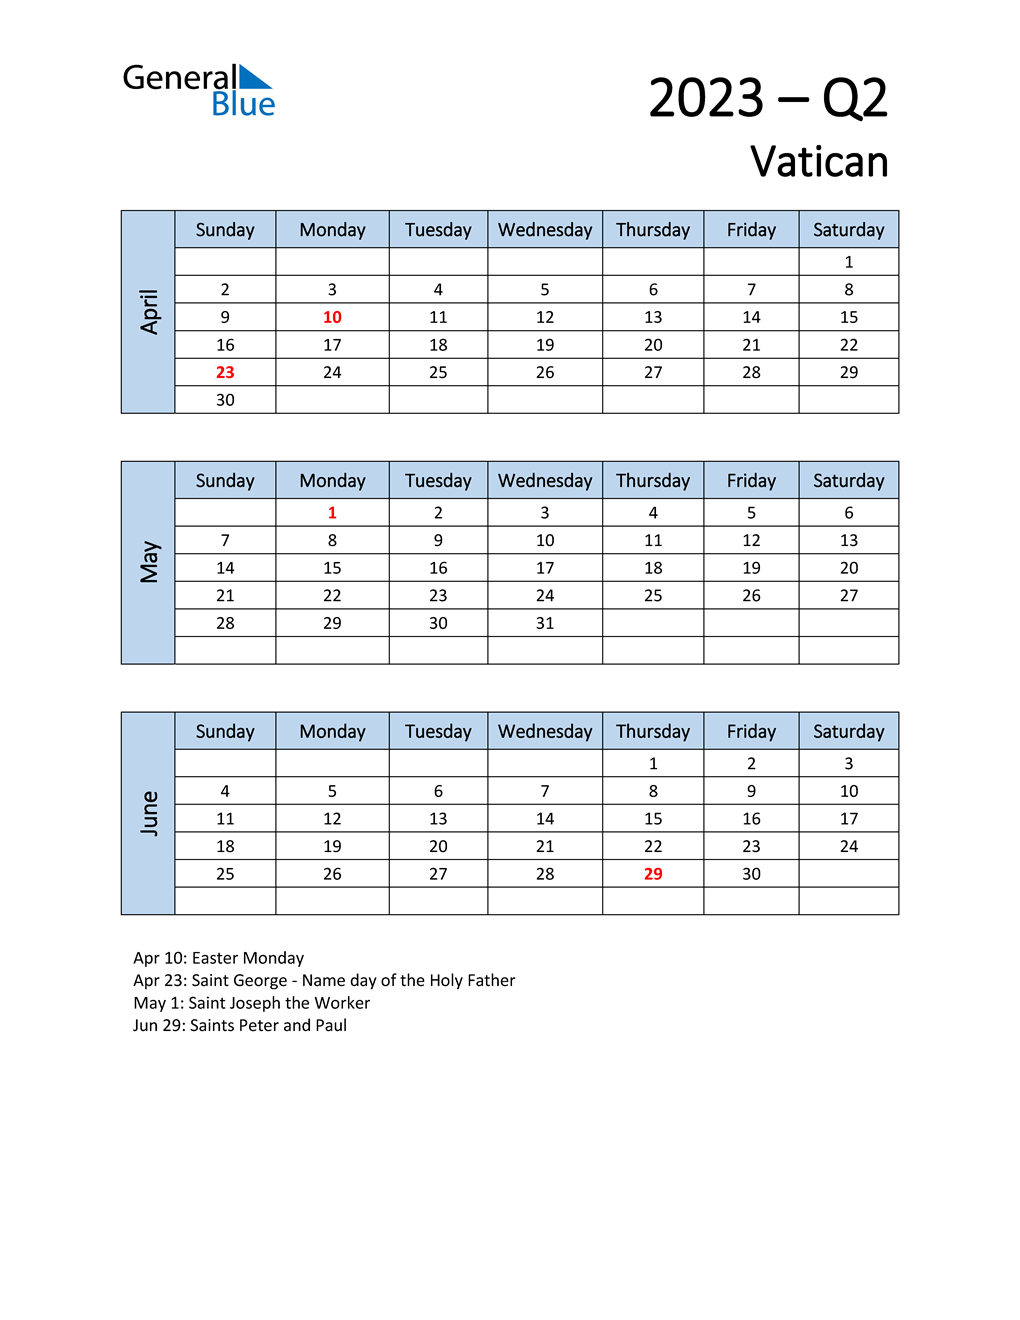 Free Q2 2023 Calendar for Vatican